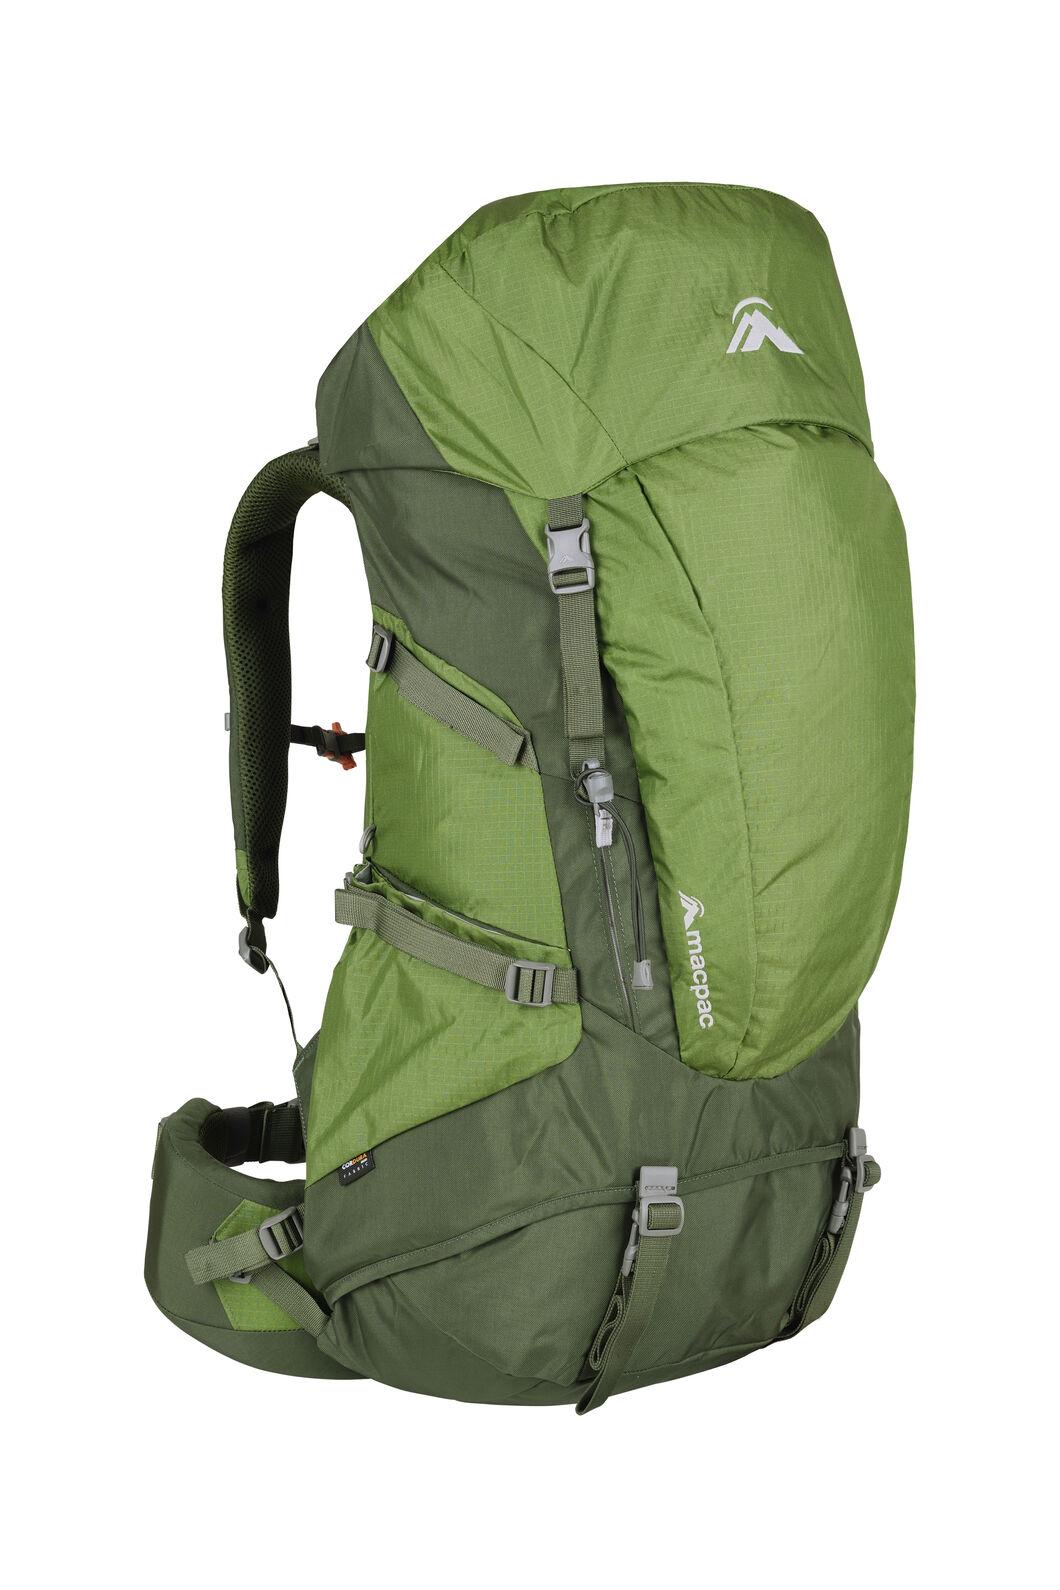 Macpac Torlesse 50L Pack, Cactus, hi-res